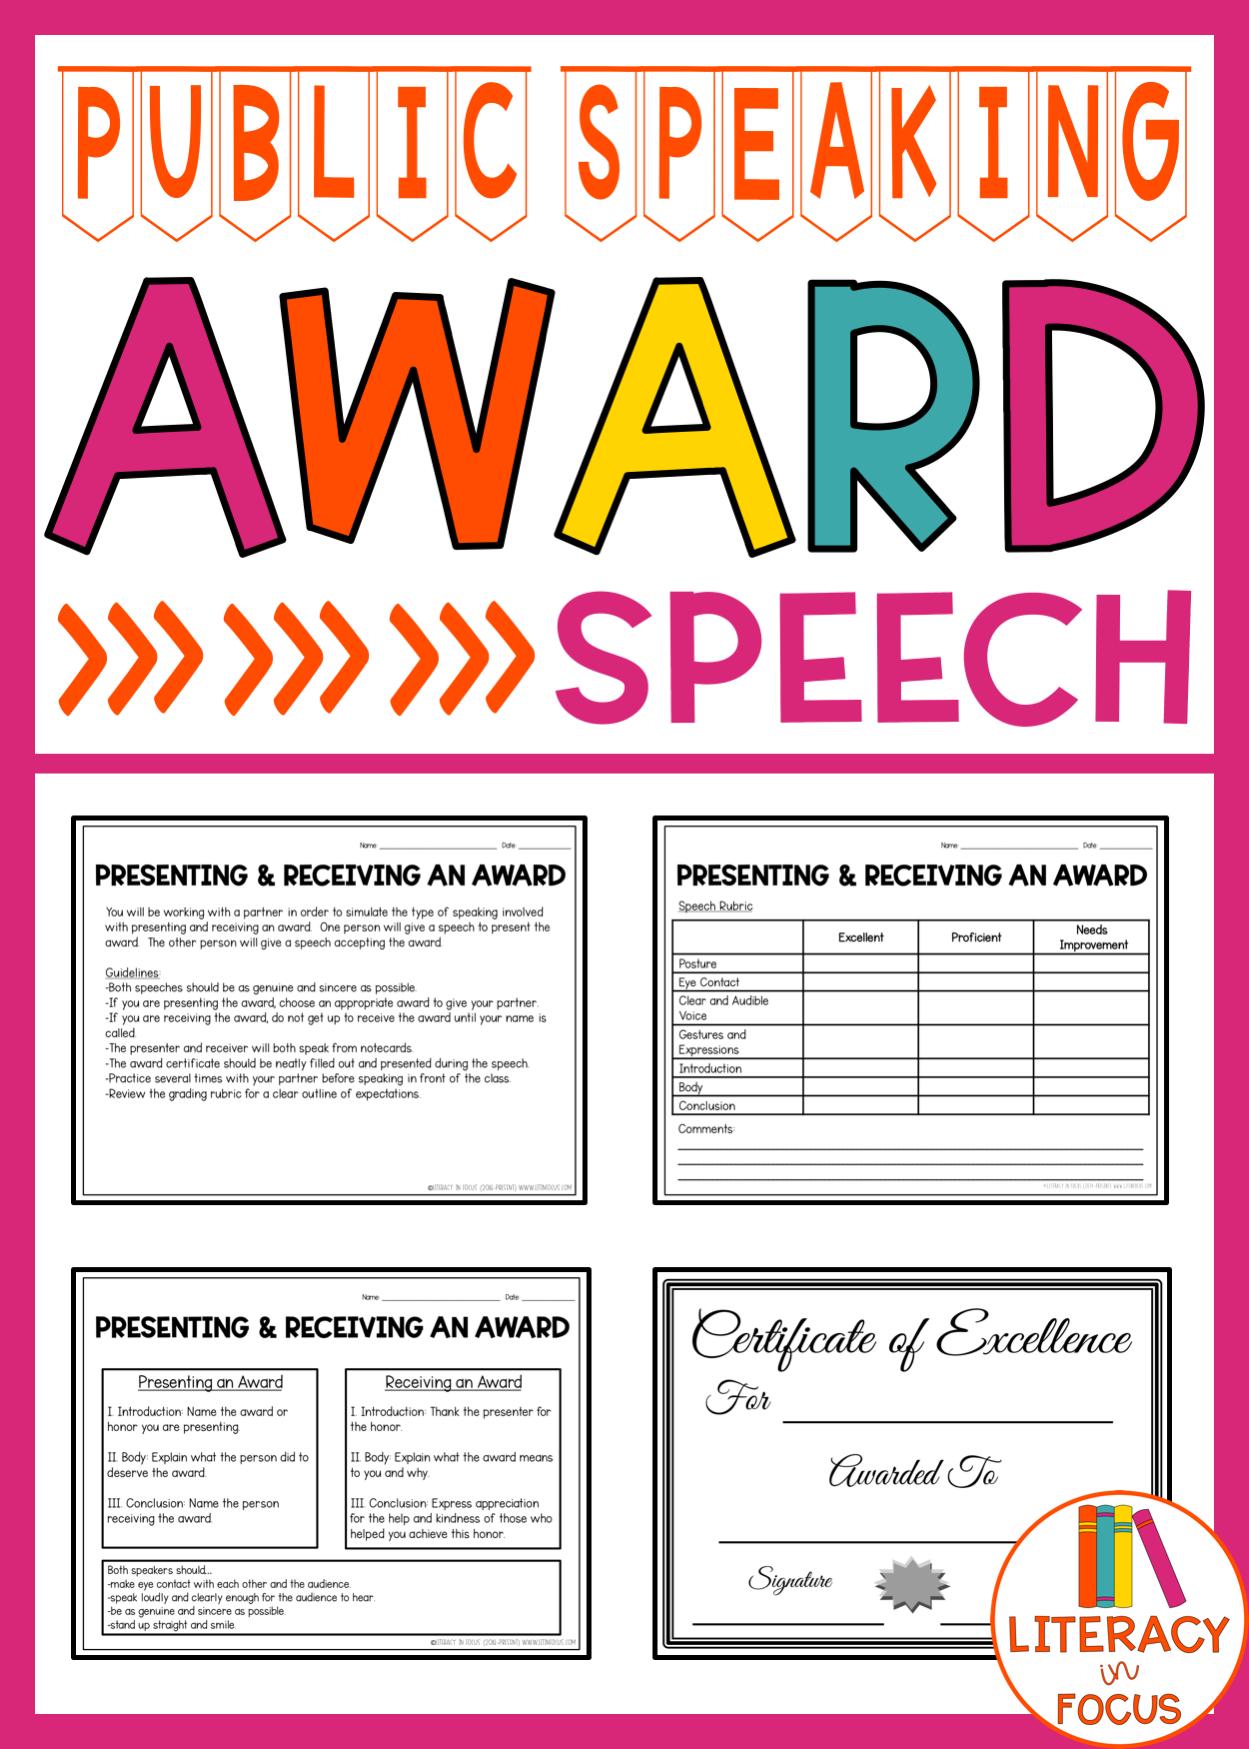 Public Speaking Award Speech